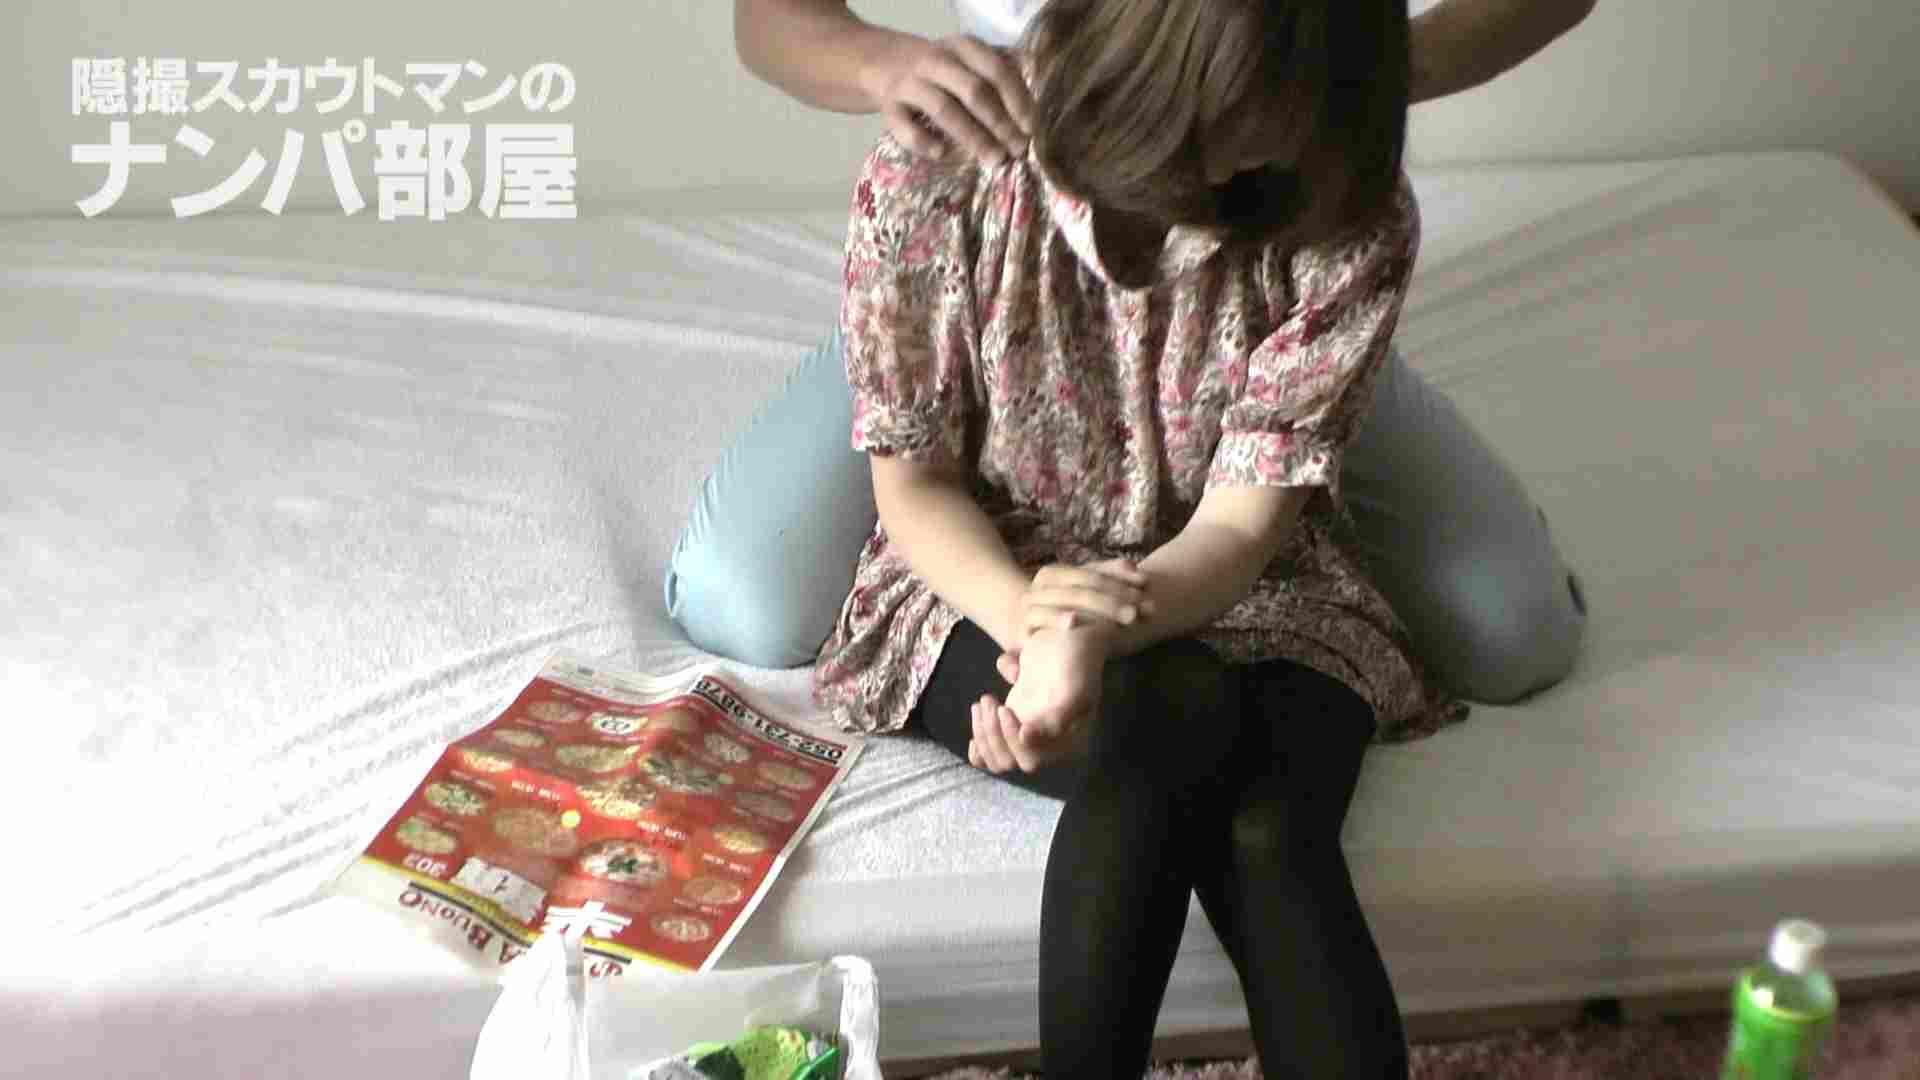 隠撮スカウトマンのナンパ部屋~風俗デビュー前のつまみ食い~ sii 脱衣所  100連発 12